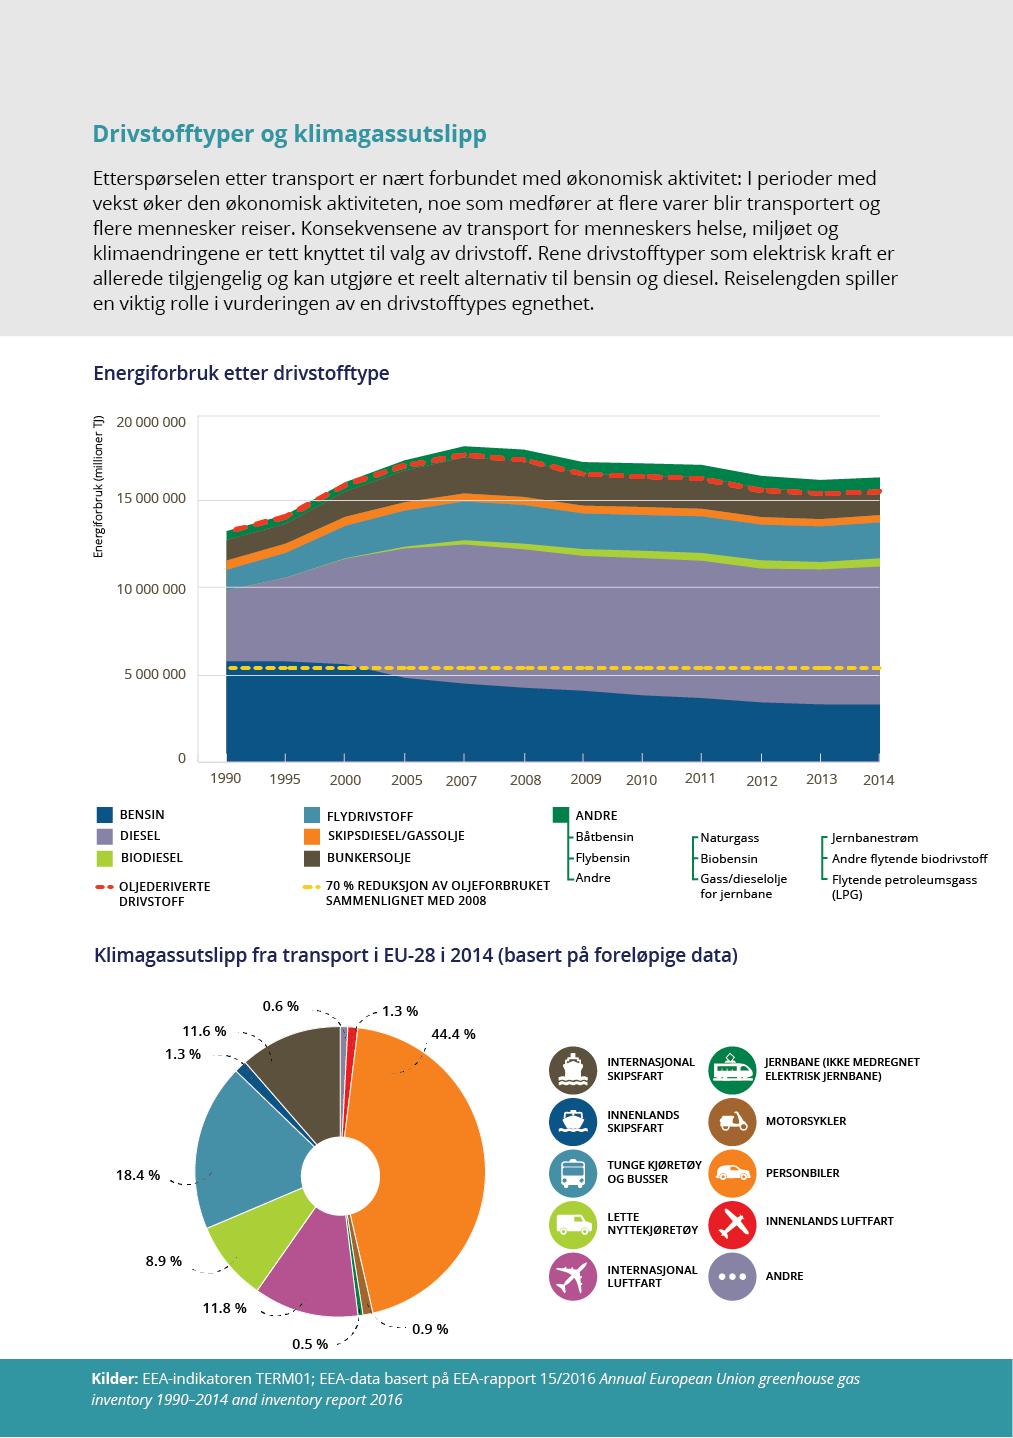 Drivstofftyper og klimagassutslipp